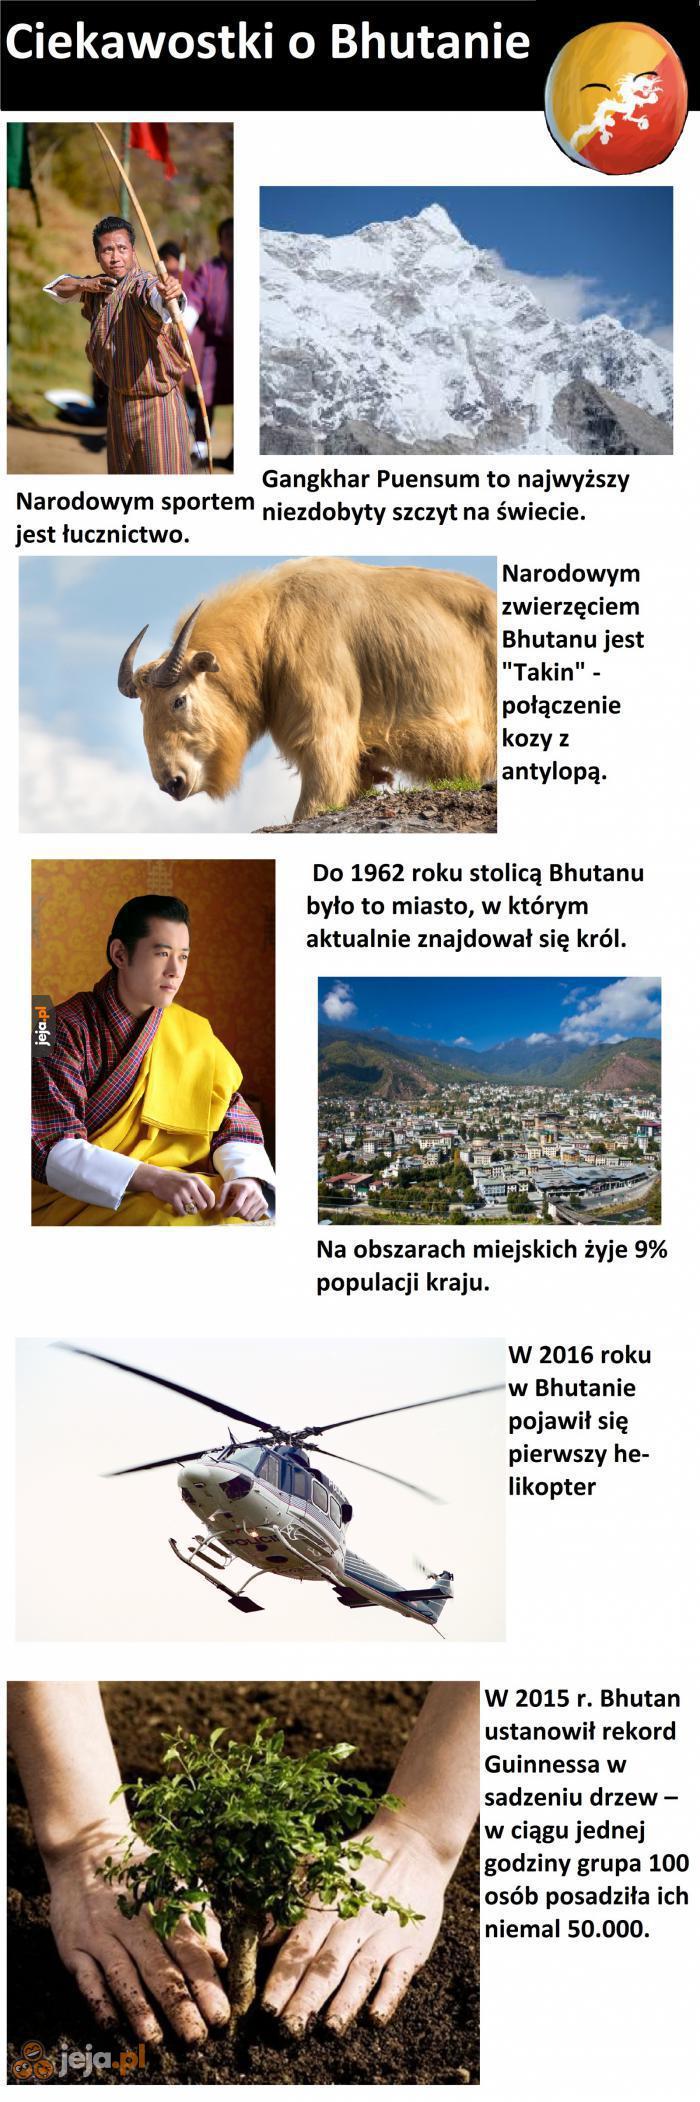 Ciekawostki o Bhutanie